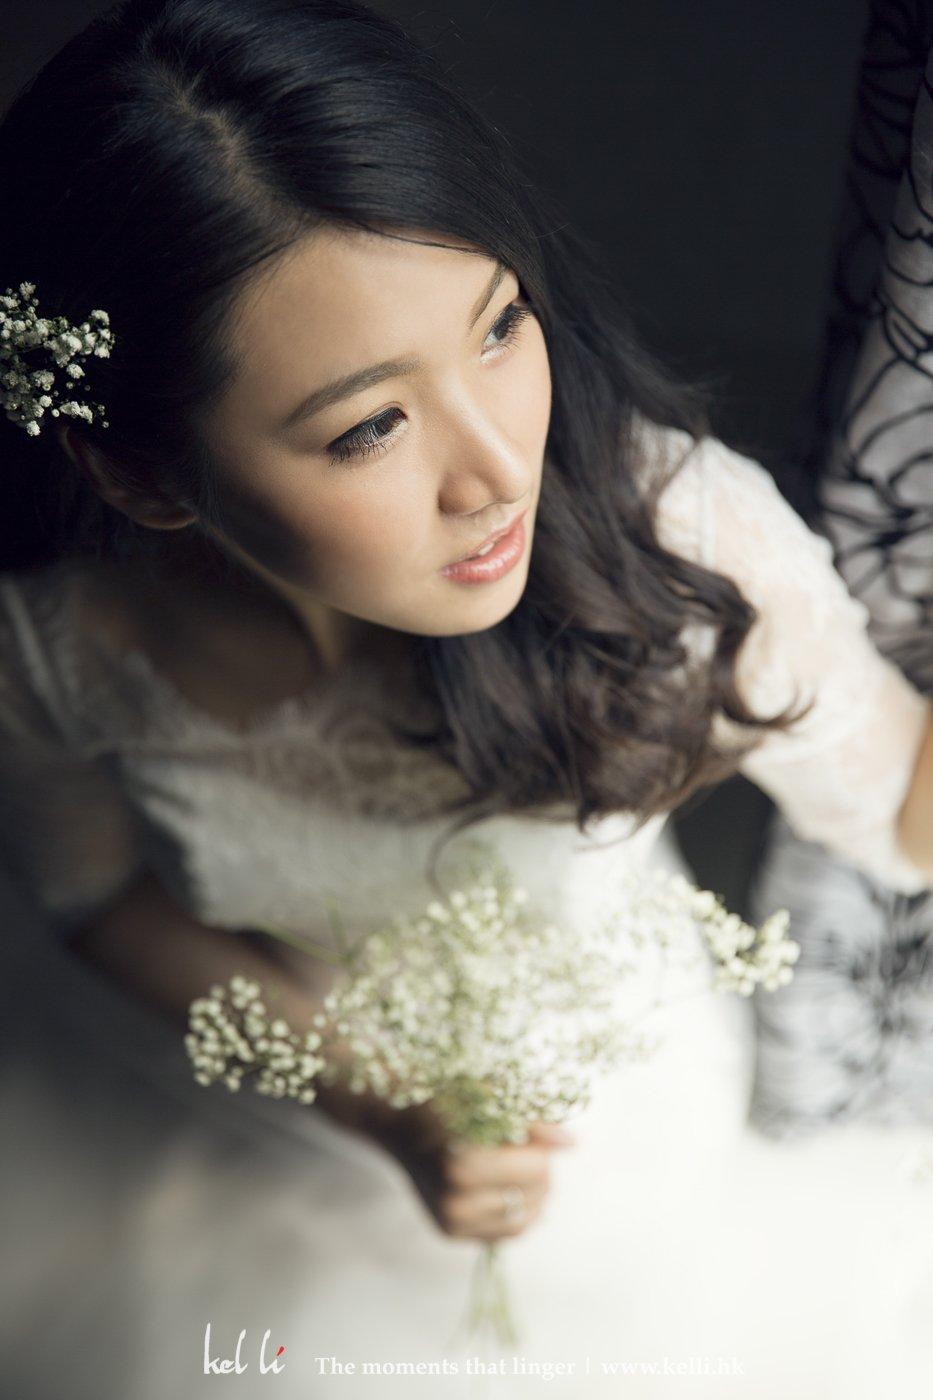 配合灯光, 显得漂亮的新娘子份外美